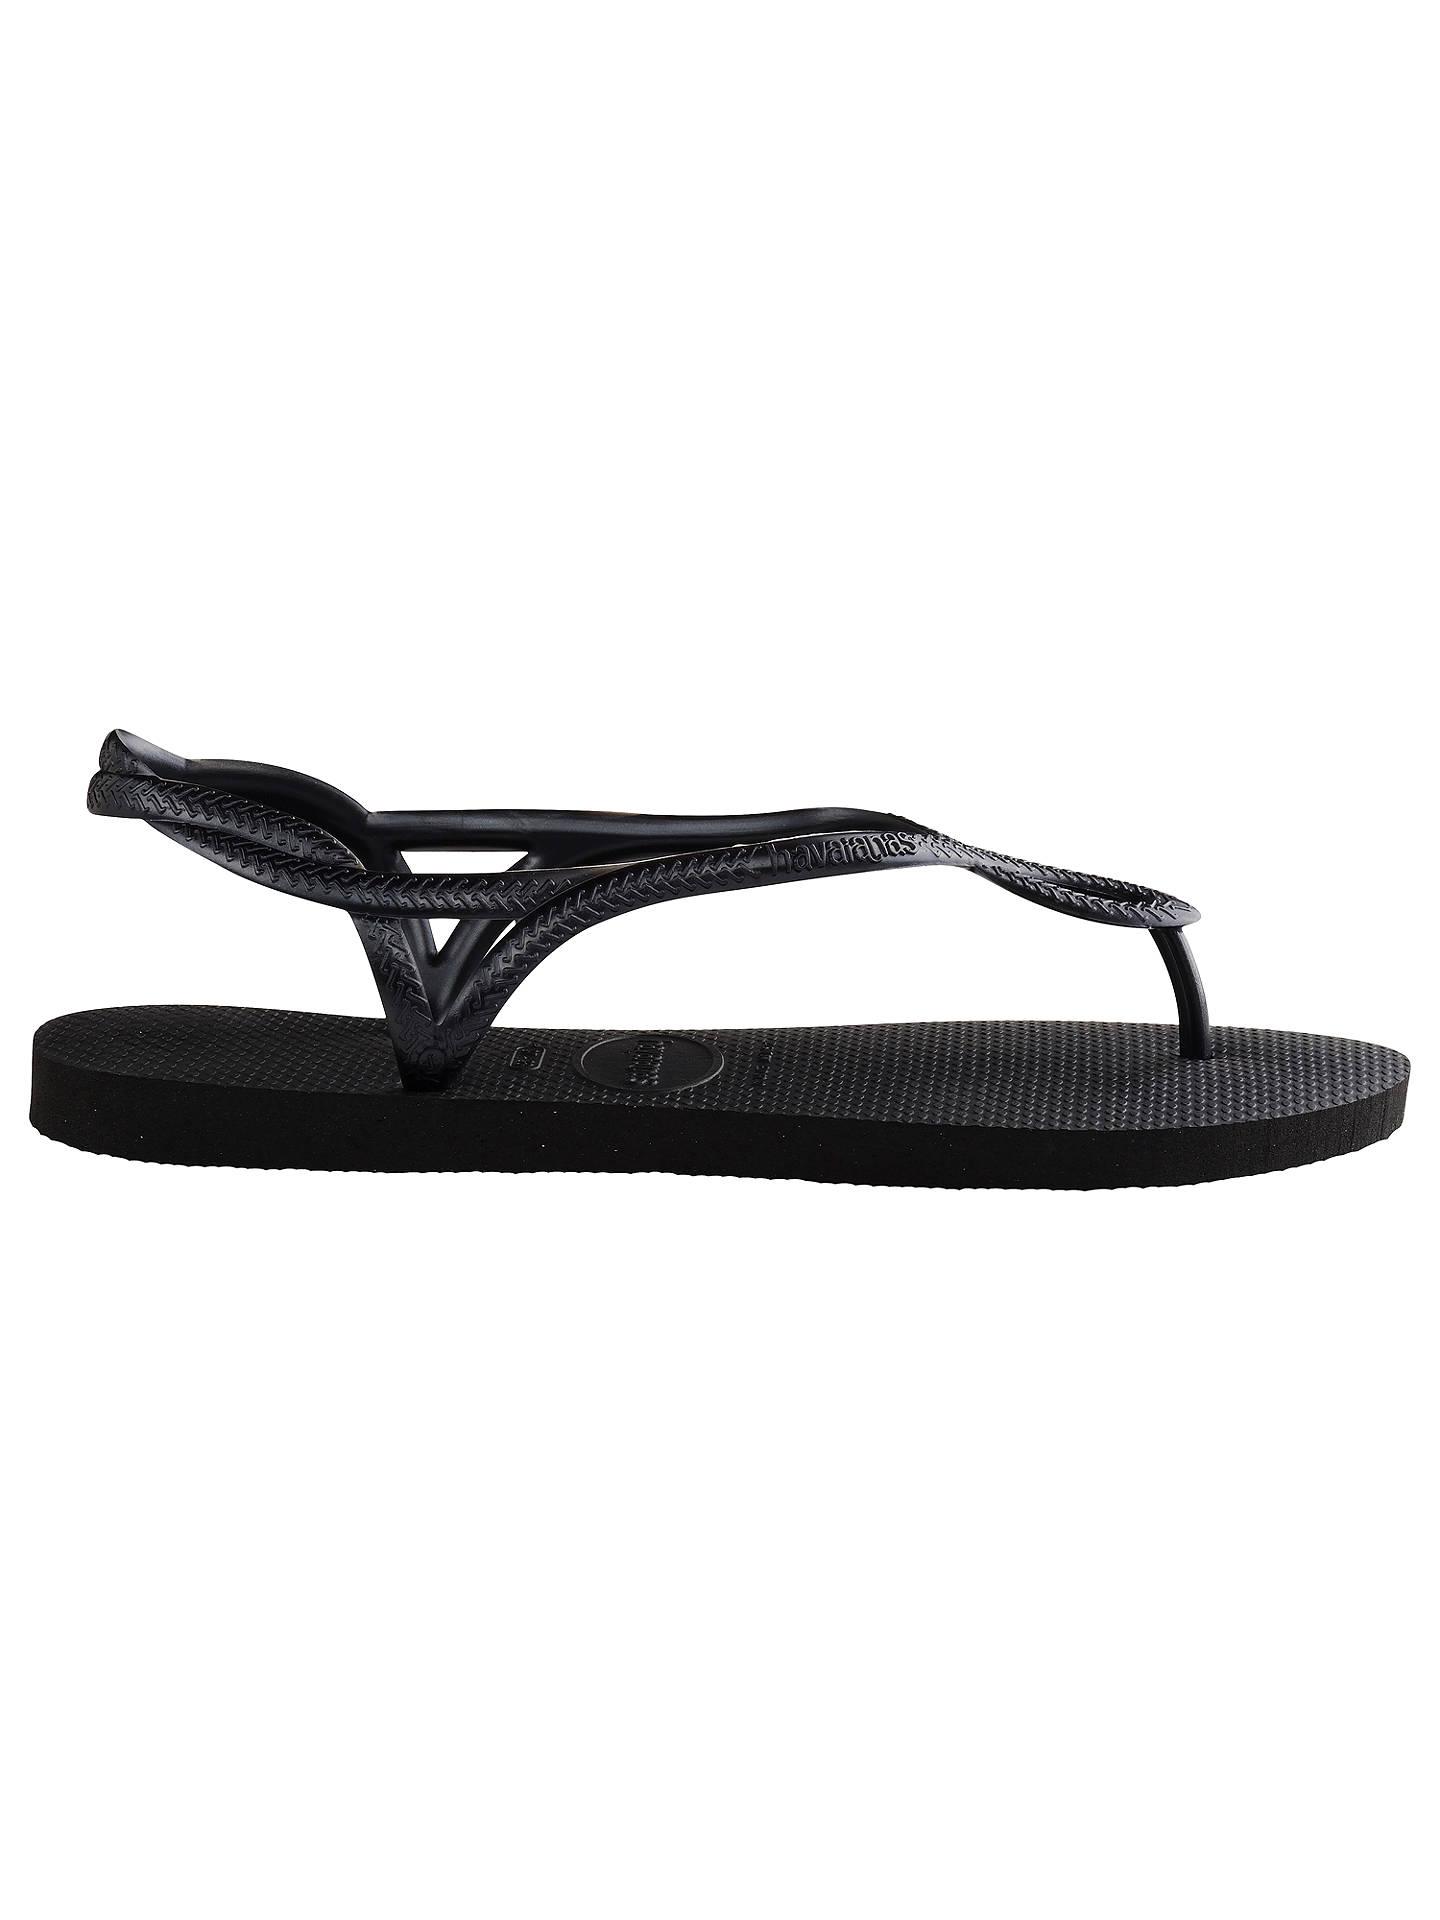 8b038305007 Buy Havaianas Luna Flip Flops